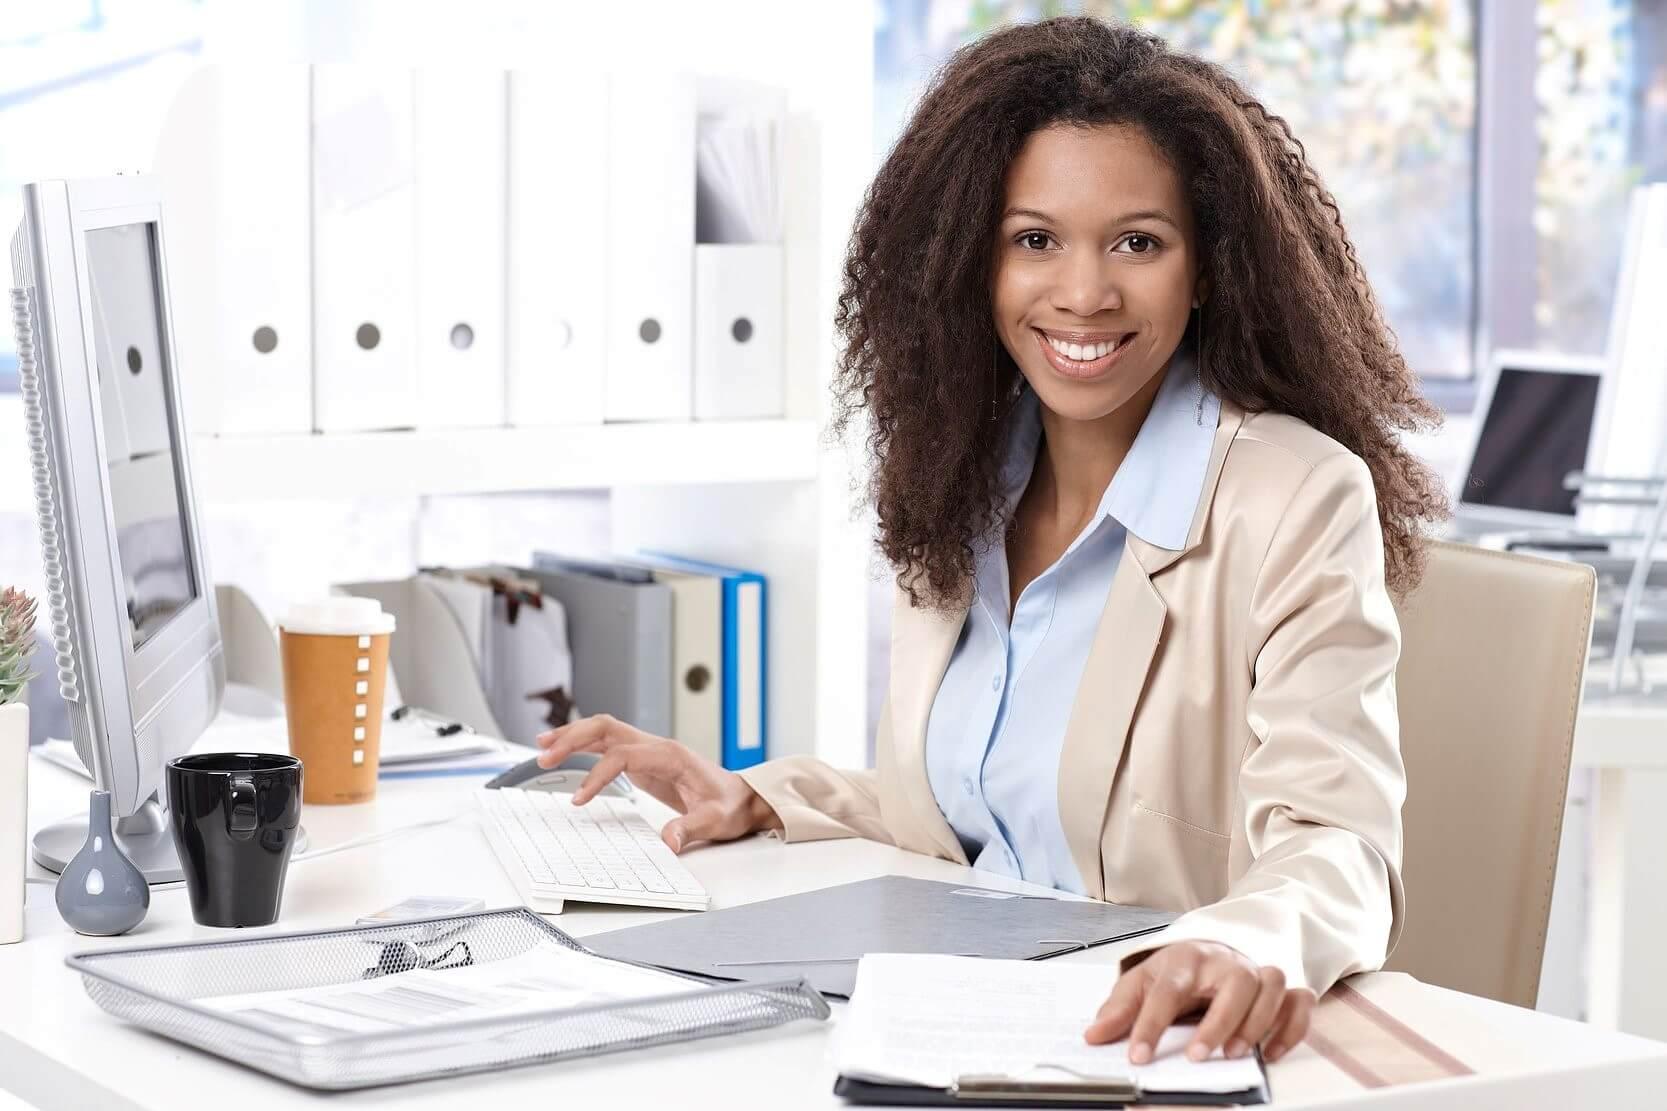 Nhân viên văn phòng và những điều bạn cần nên biết. - Blogvieclam